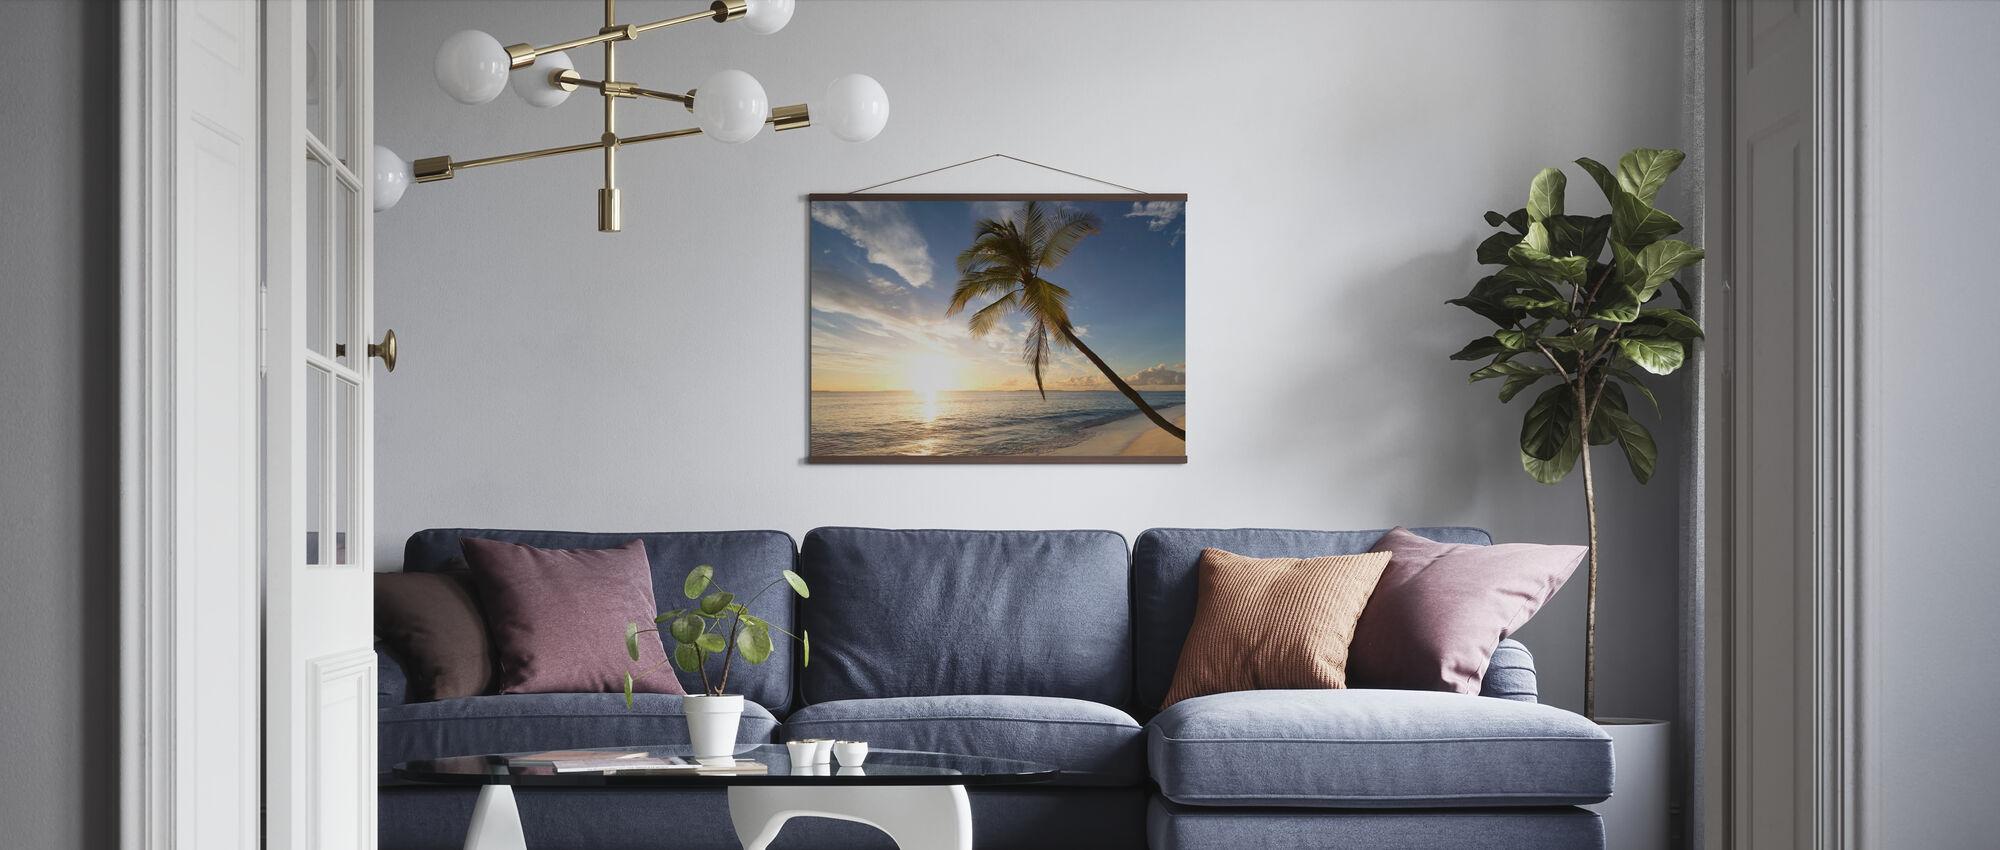 Tropischer Sonnenuntergang - Poster - Wohnzimmer